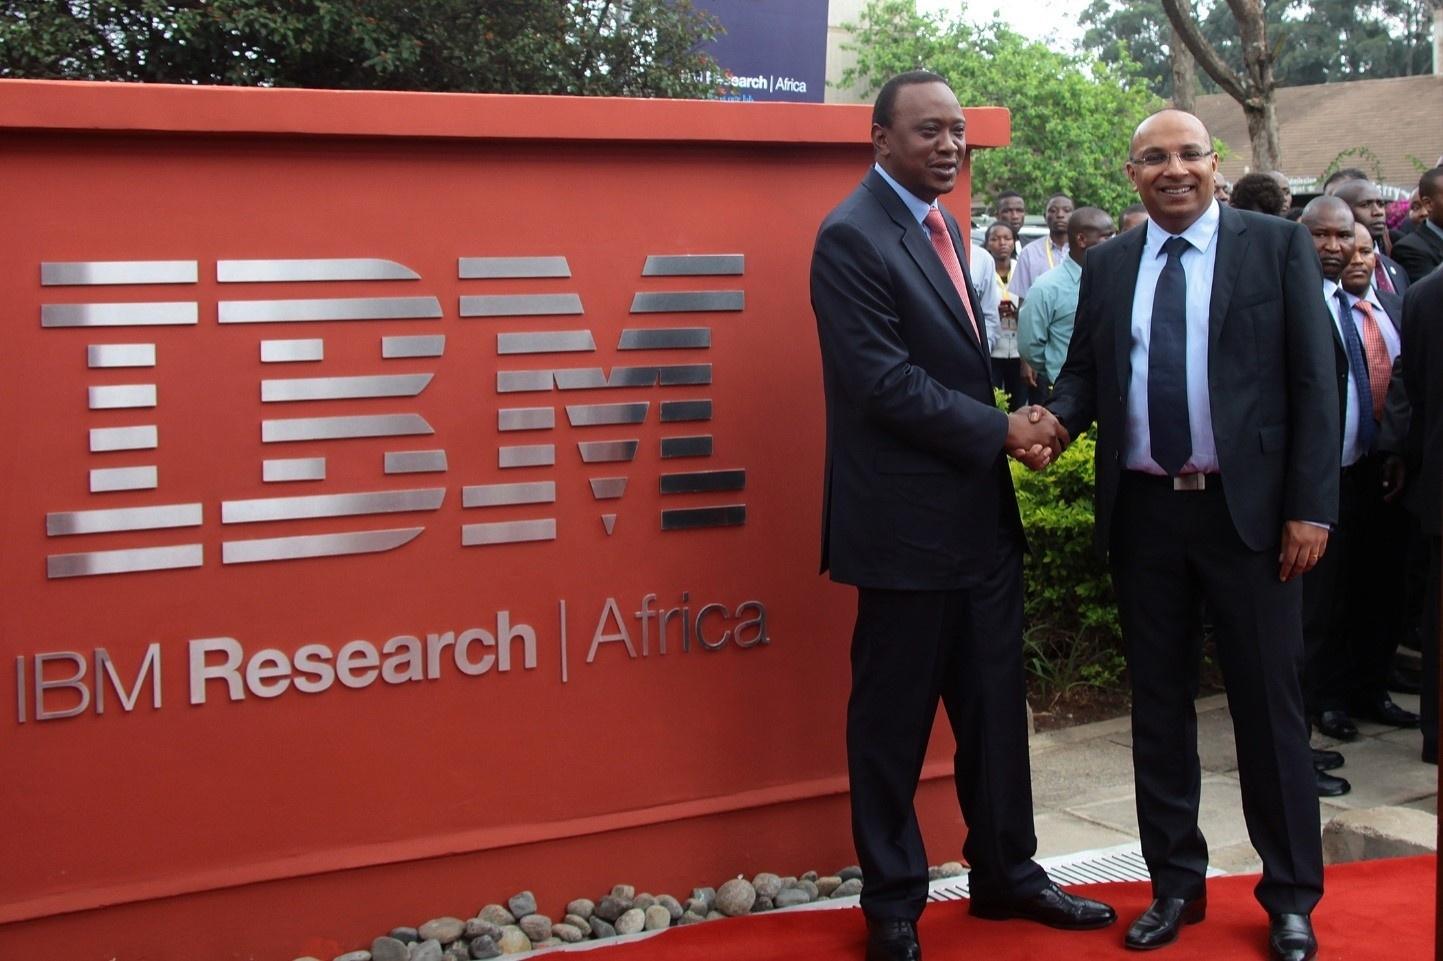 IBM поможет бороться с раковыми заболеваниями в странах Африки - 1